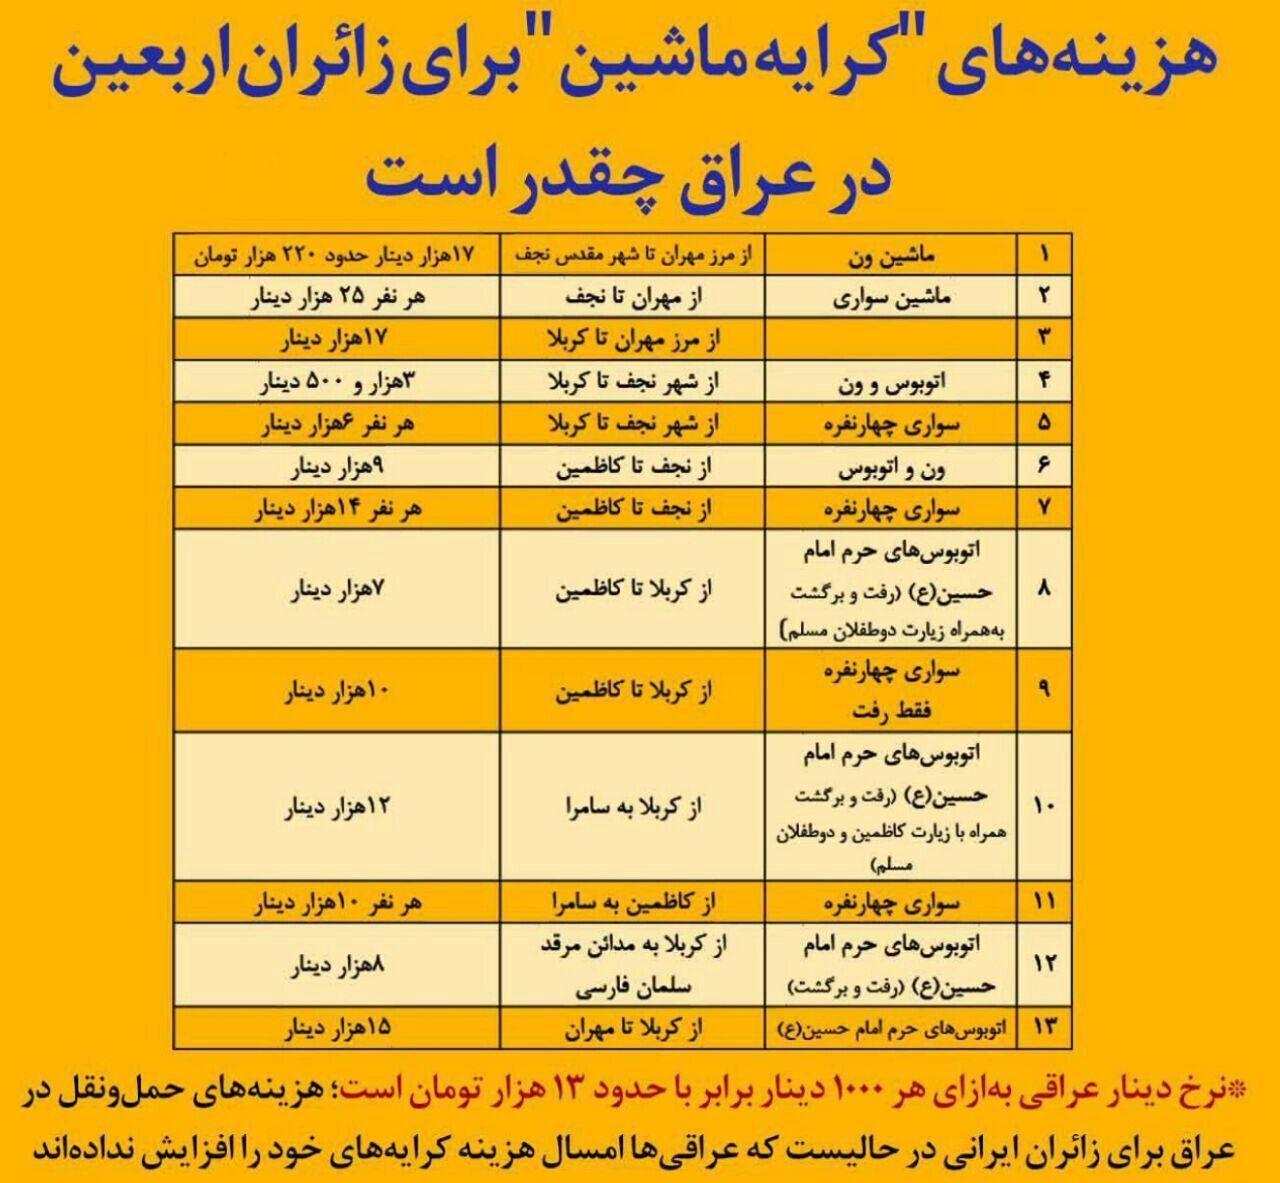 جدول هزینههای کرایه ماشین برای زائران اربعین در عراق+ اینفوگرافیک